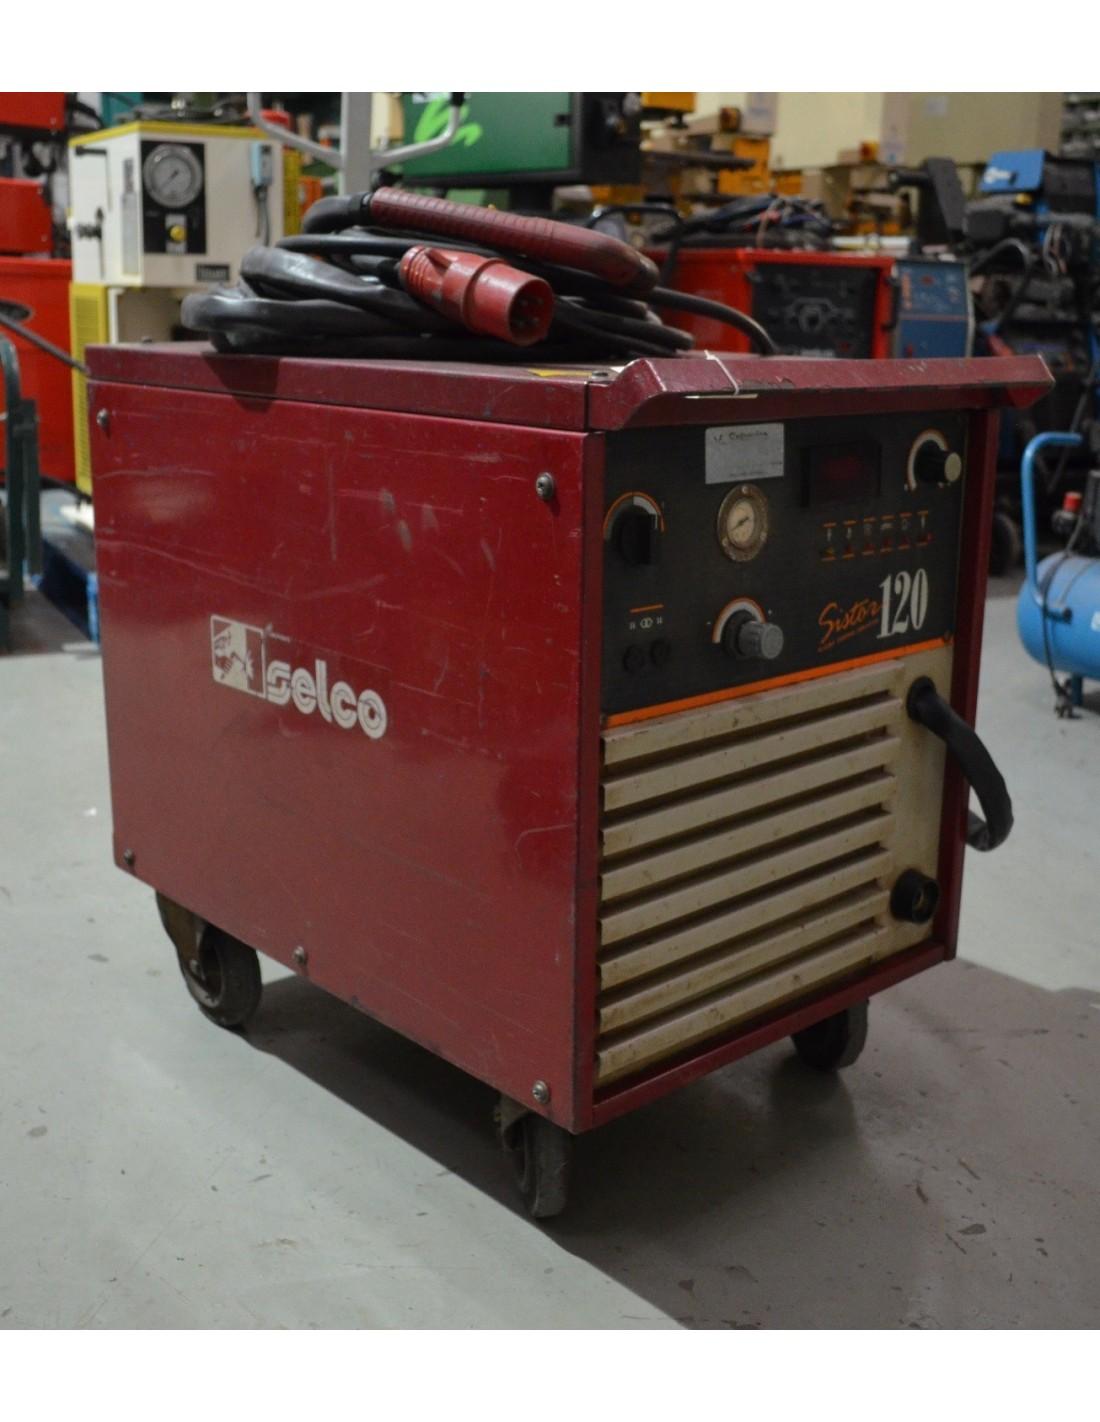 ... Array - selco eb120l manual rh selco eb120l manual elzplorers de